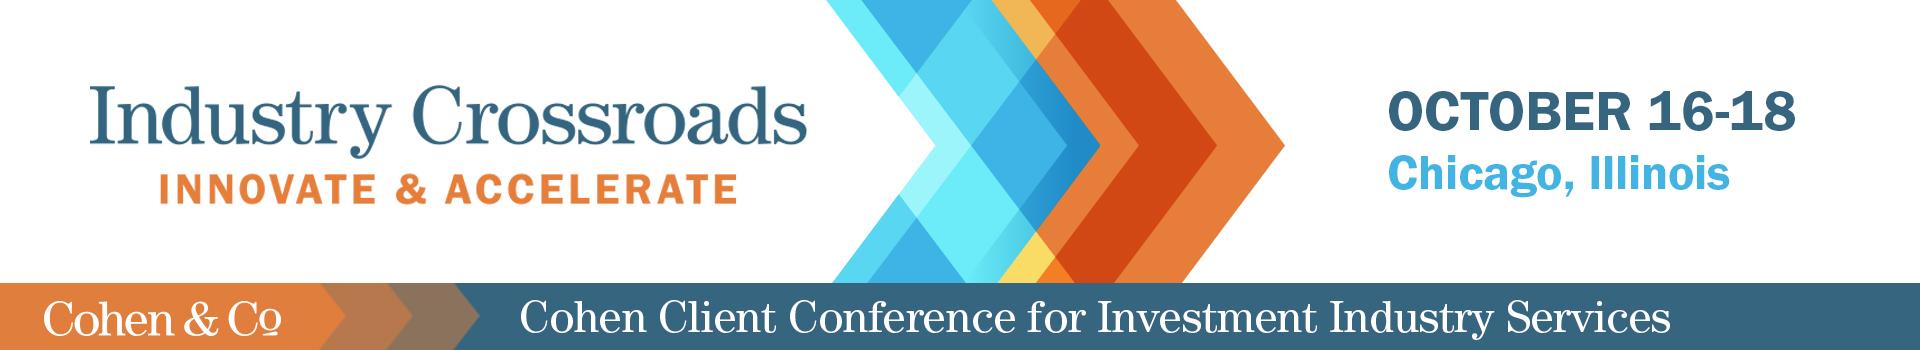 2019 Cohen Client Conference